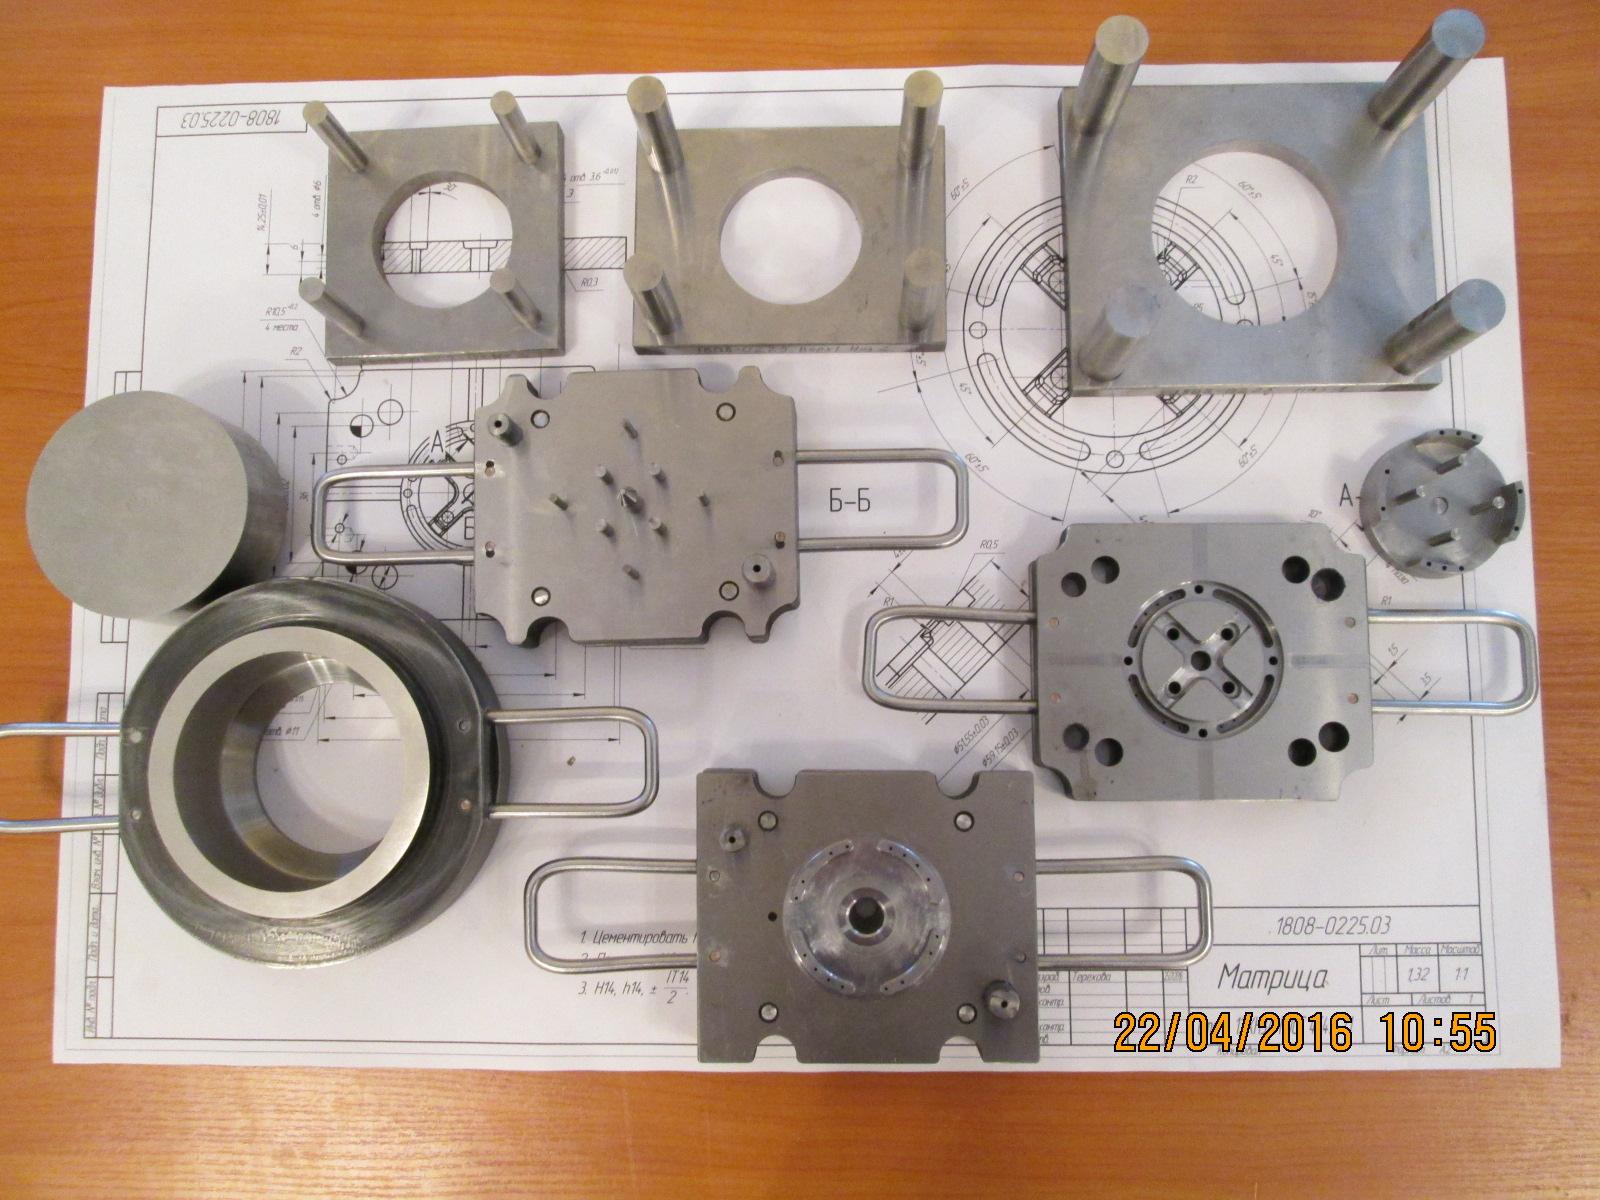 АГ-4В, АГ-4НС, ДСВ-2-О, ДСВ-2-Л, ДСВ-4-О, ДСВ-4-Л, ГСП, ГСП-8, пресс-форма для литья АГ-4, производители пресс-форм для литья, пресс-формы под прессматериал, изготовить пресс-форму, изготовлена пресс-форма, купить пресс-форму, пресс-форма Екатеринбург, цена пресс-формы, цена пресс-форм, пресс-форма ДСВ-2-О, пресс-формы прямого прессования, пресс-формы стационарные для АГ-4В